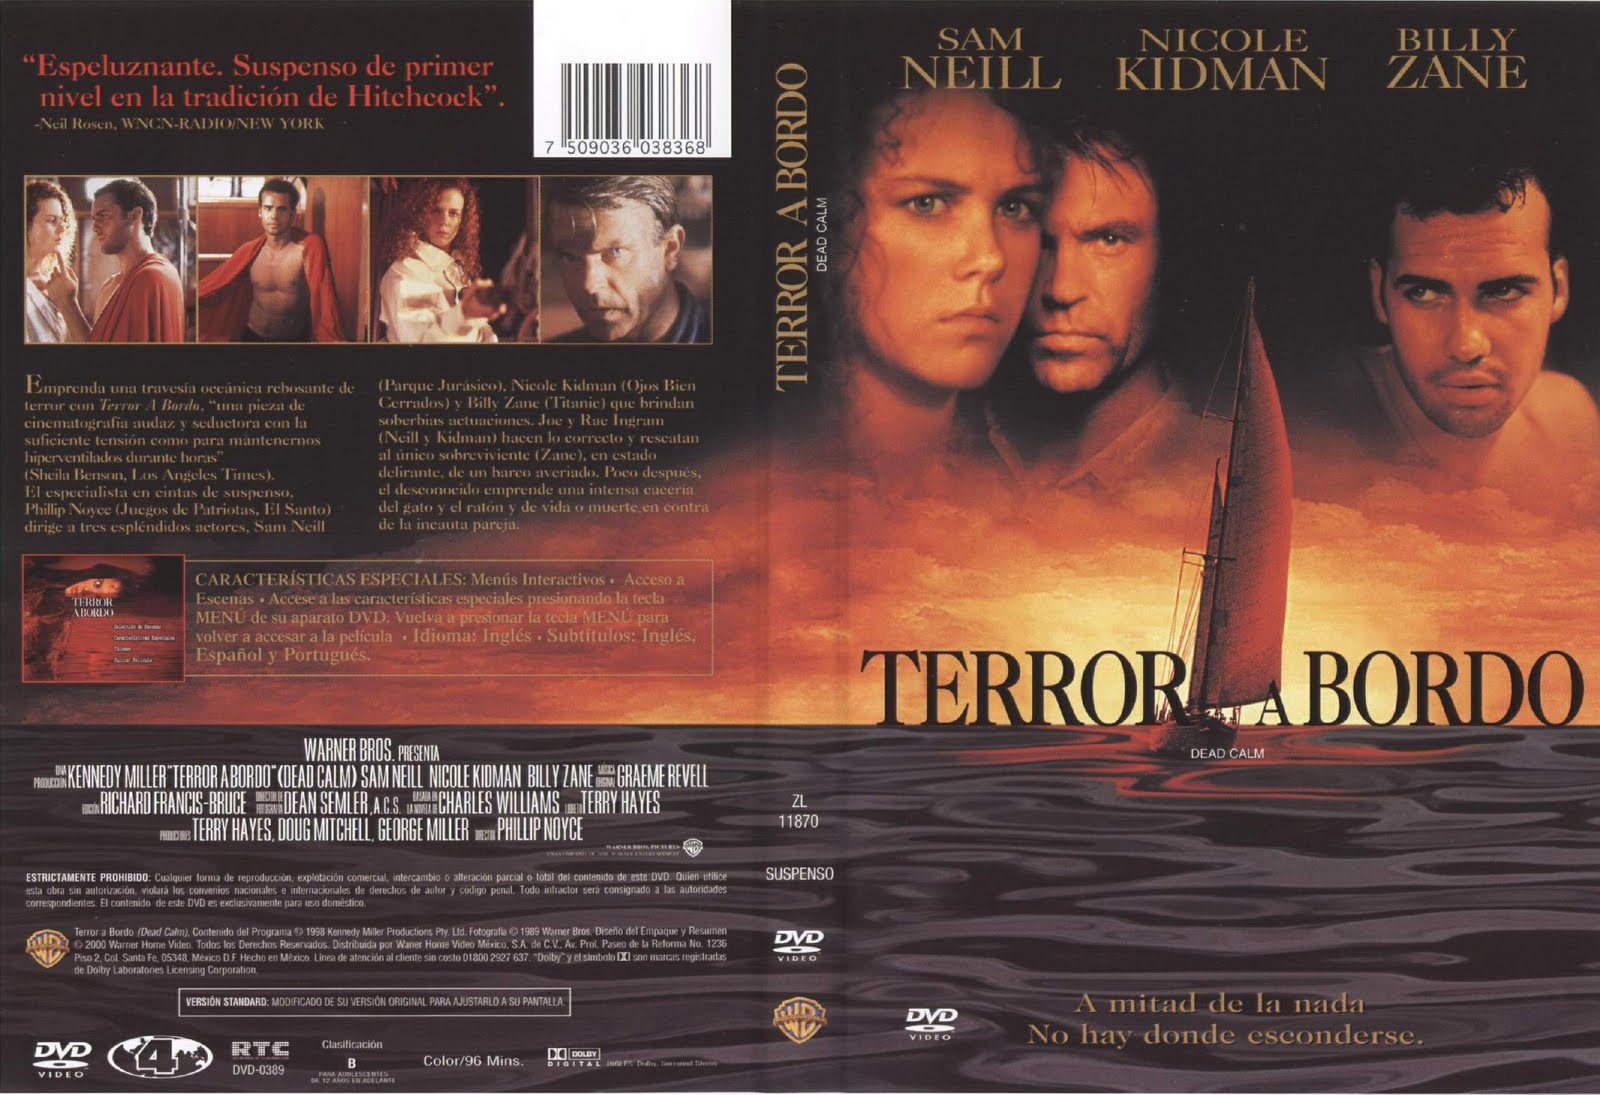 http://4.bp.blogspot.com/_yCRo3KNp-Uo/TPleanBSy_I/AAAAAAAACog/3yzVpkWdq3s/s1600/Terror_A_Bordo_-_Region_4.jpg